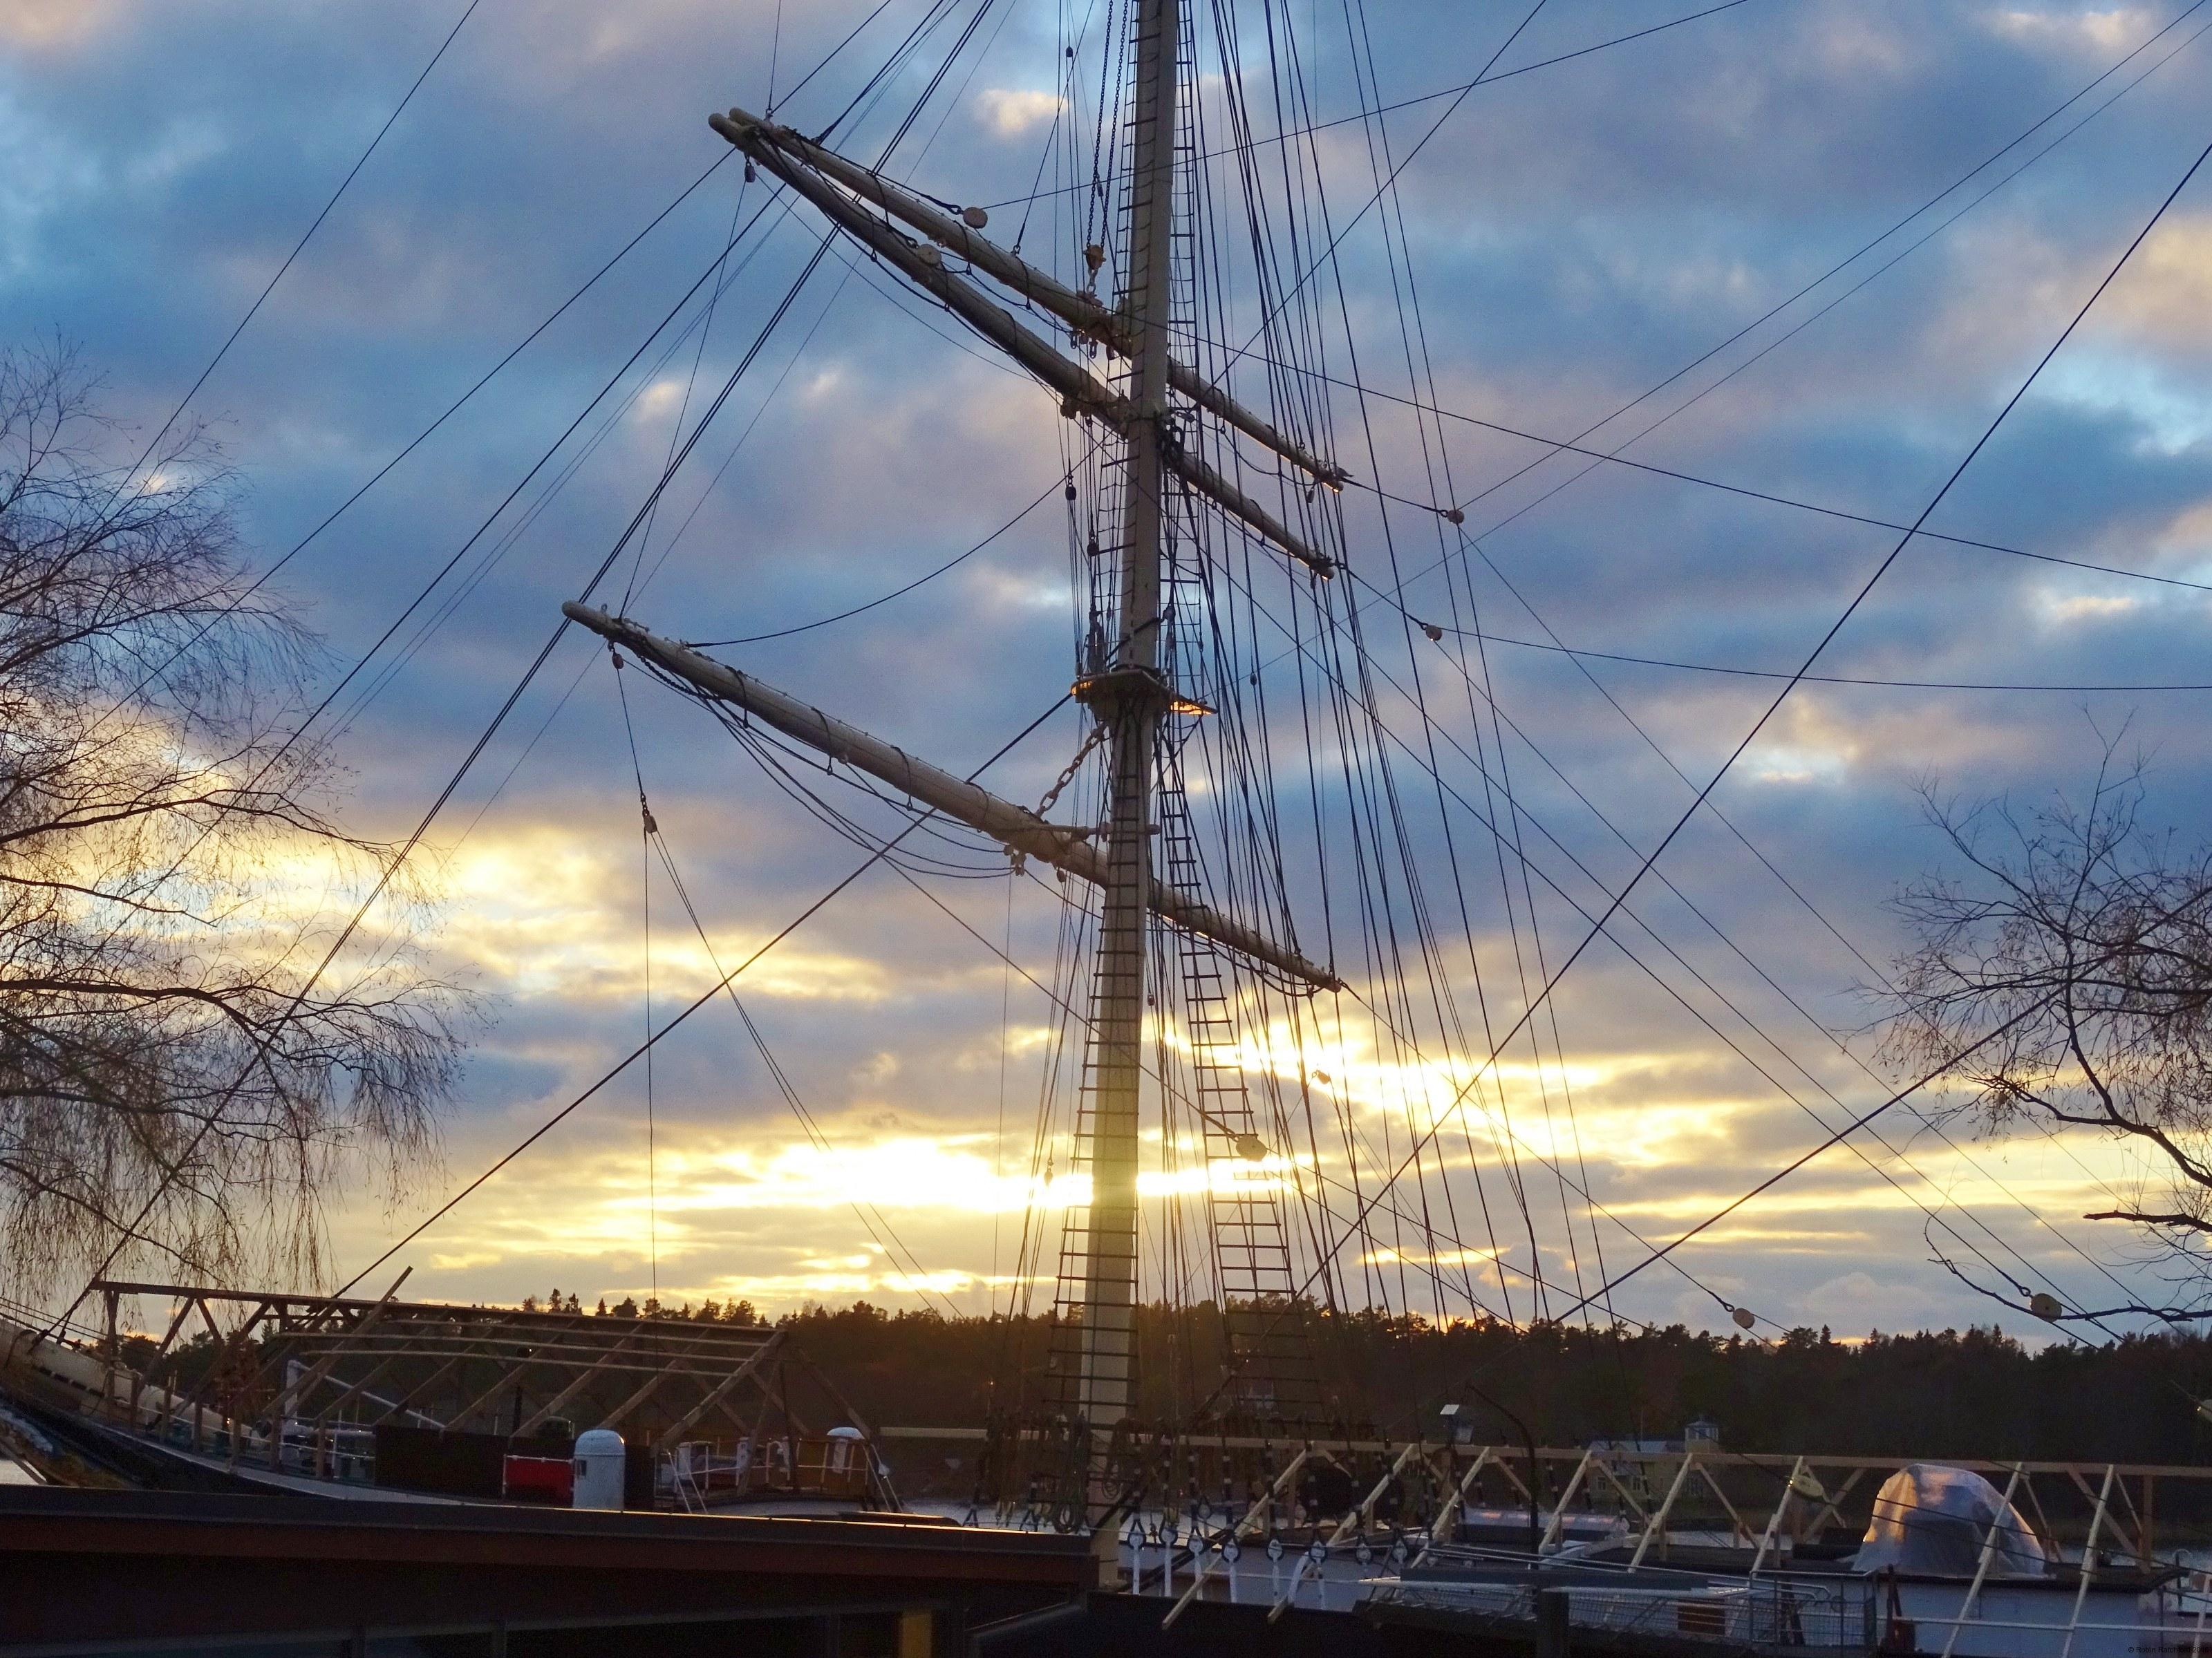 Pommern masts